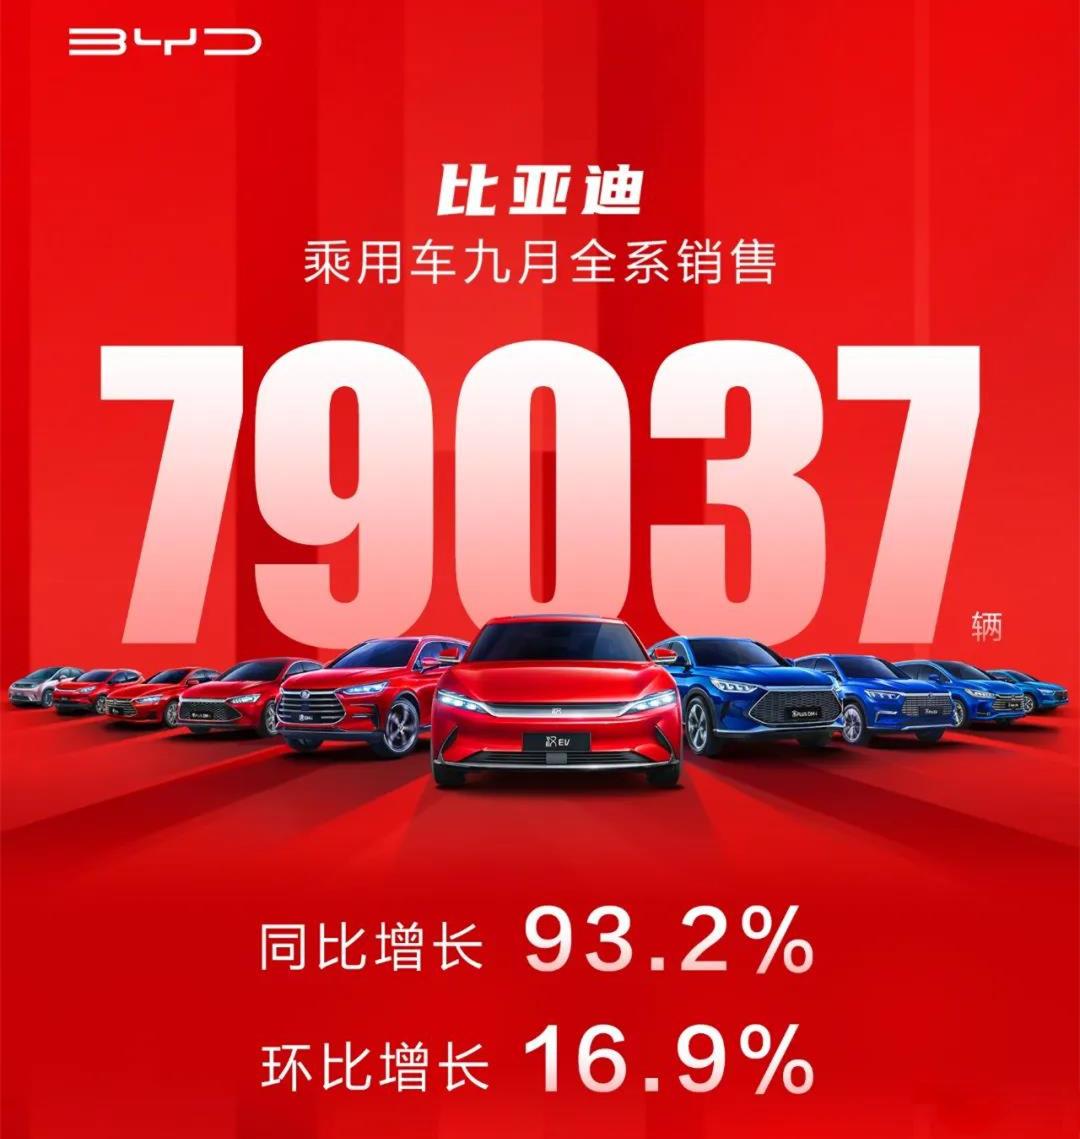 9月比亚迪销量79037辆,新能源崛起,宋家族破两万辆